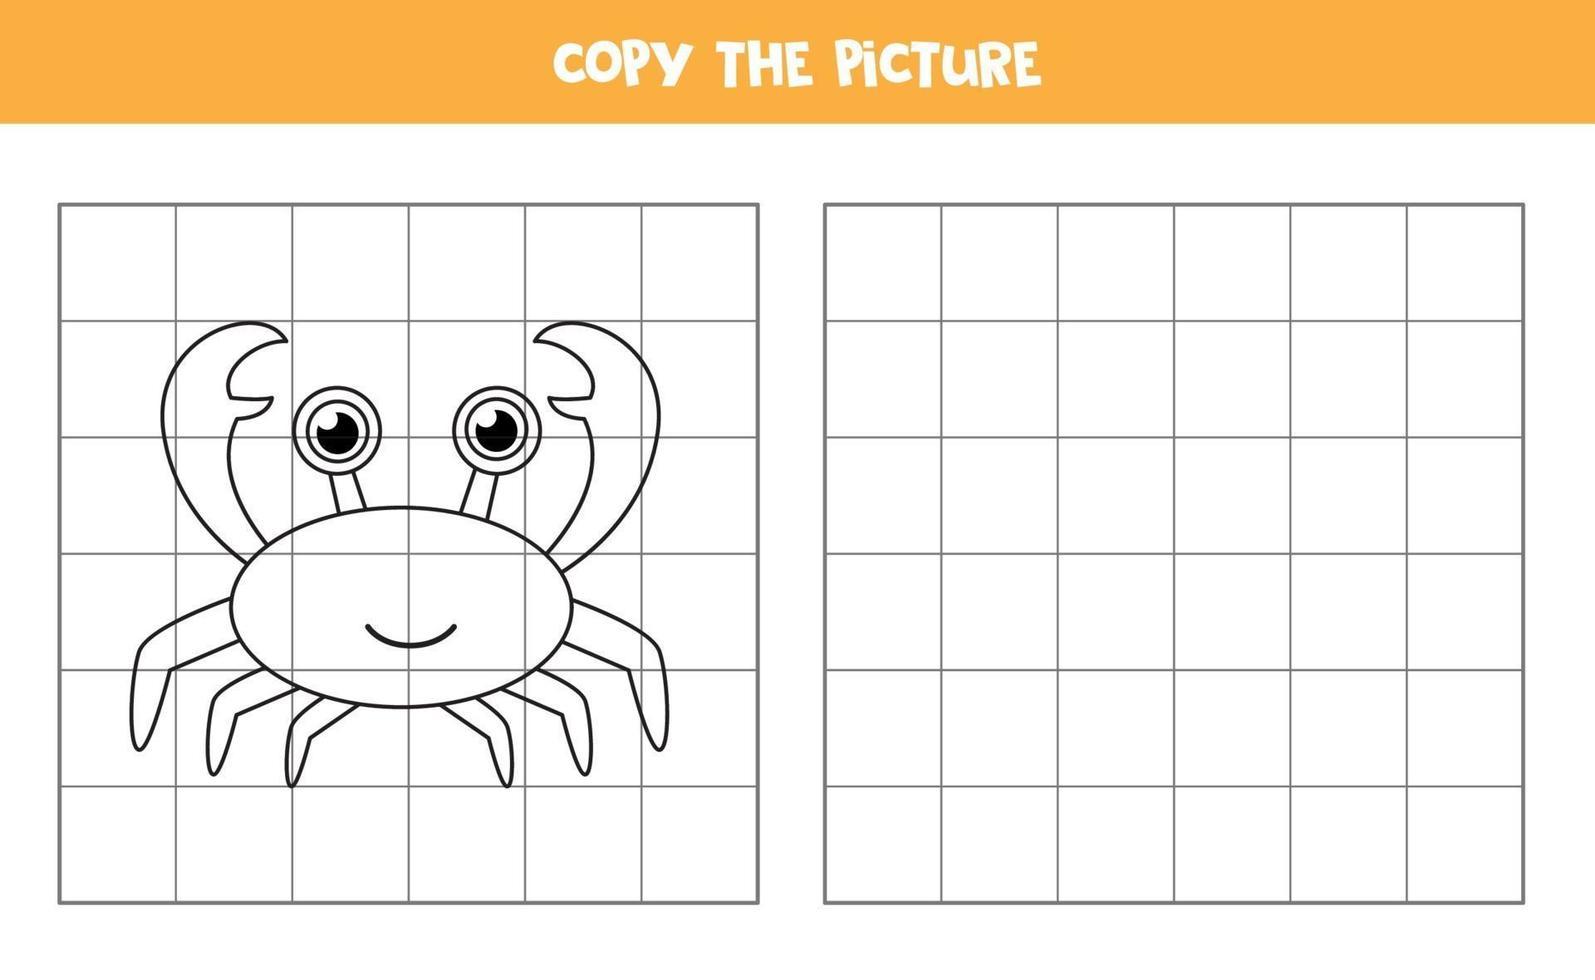 copia l'immagine. granchio simpatico cartone animato. gioco logico per bambini. vettore